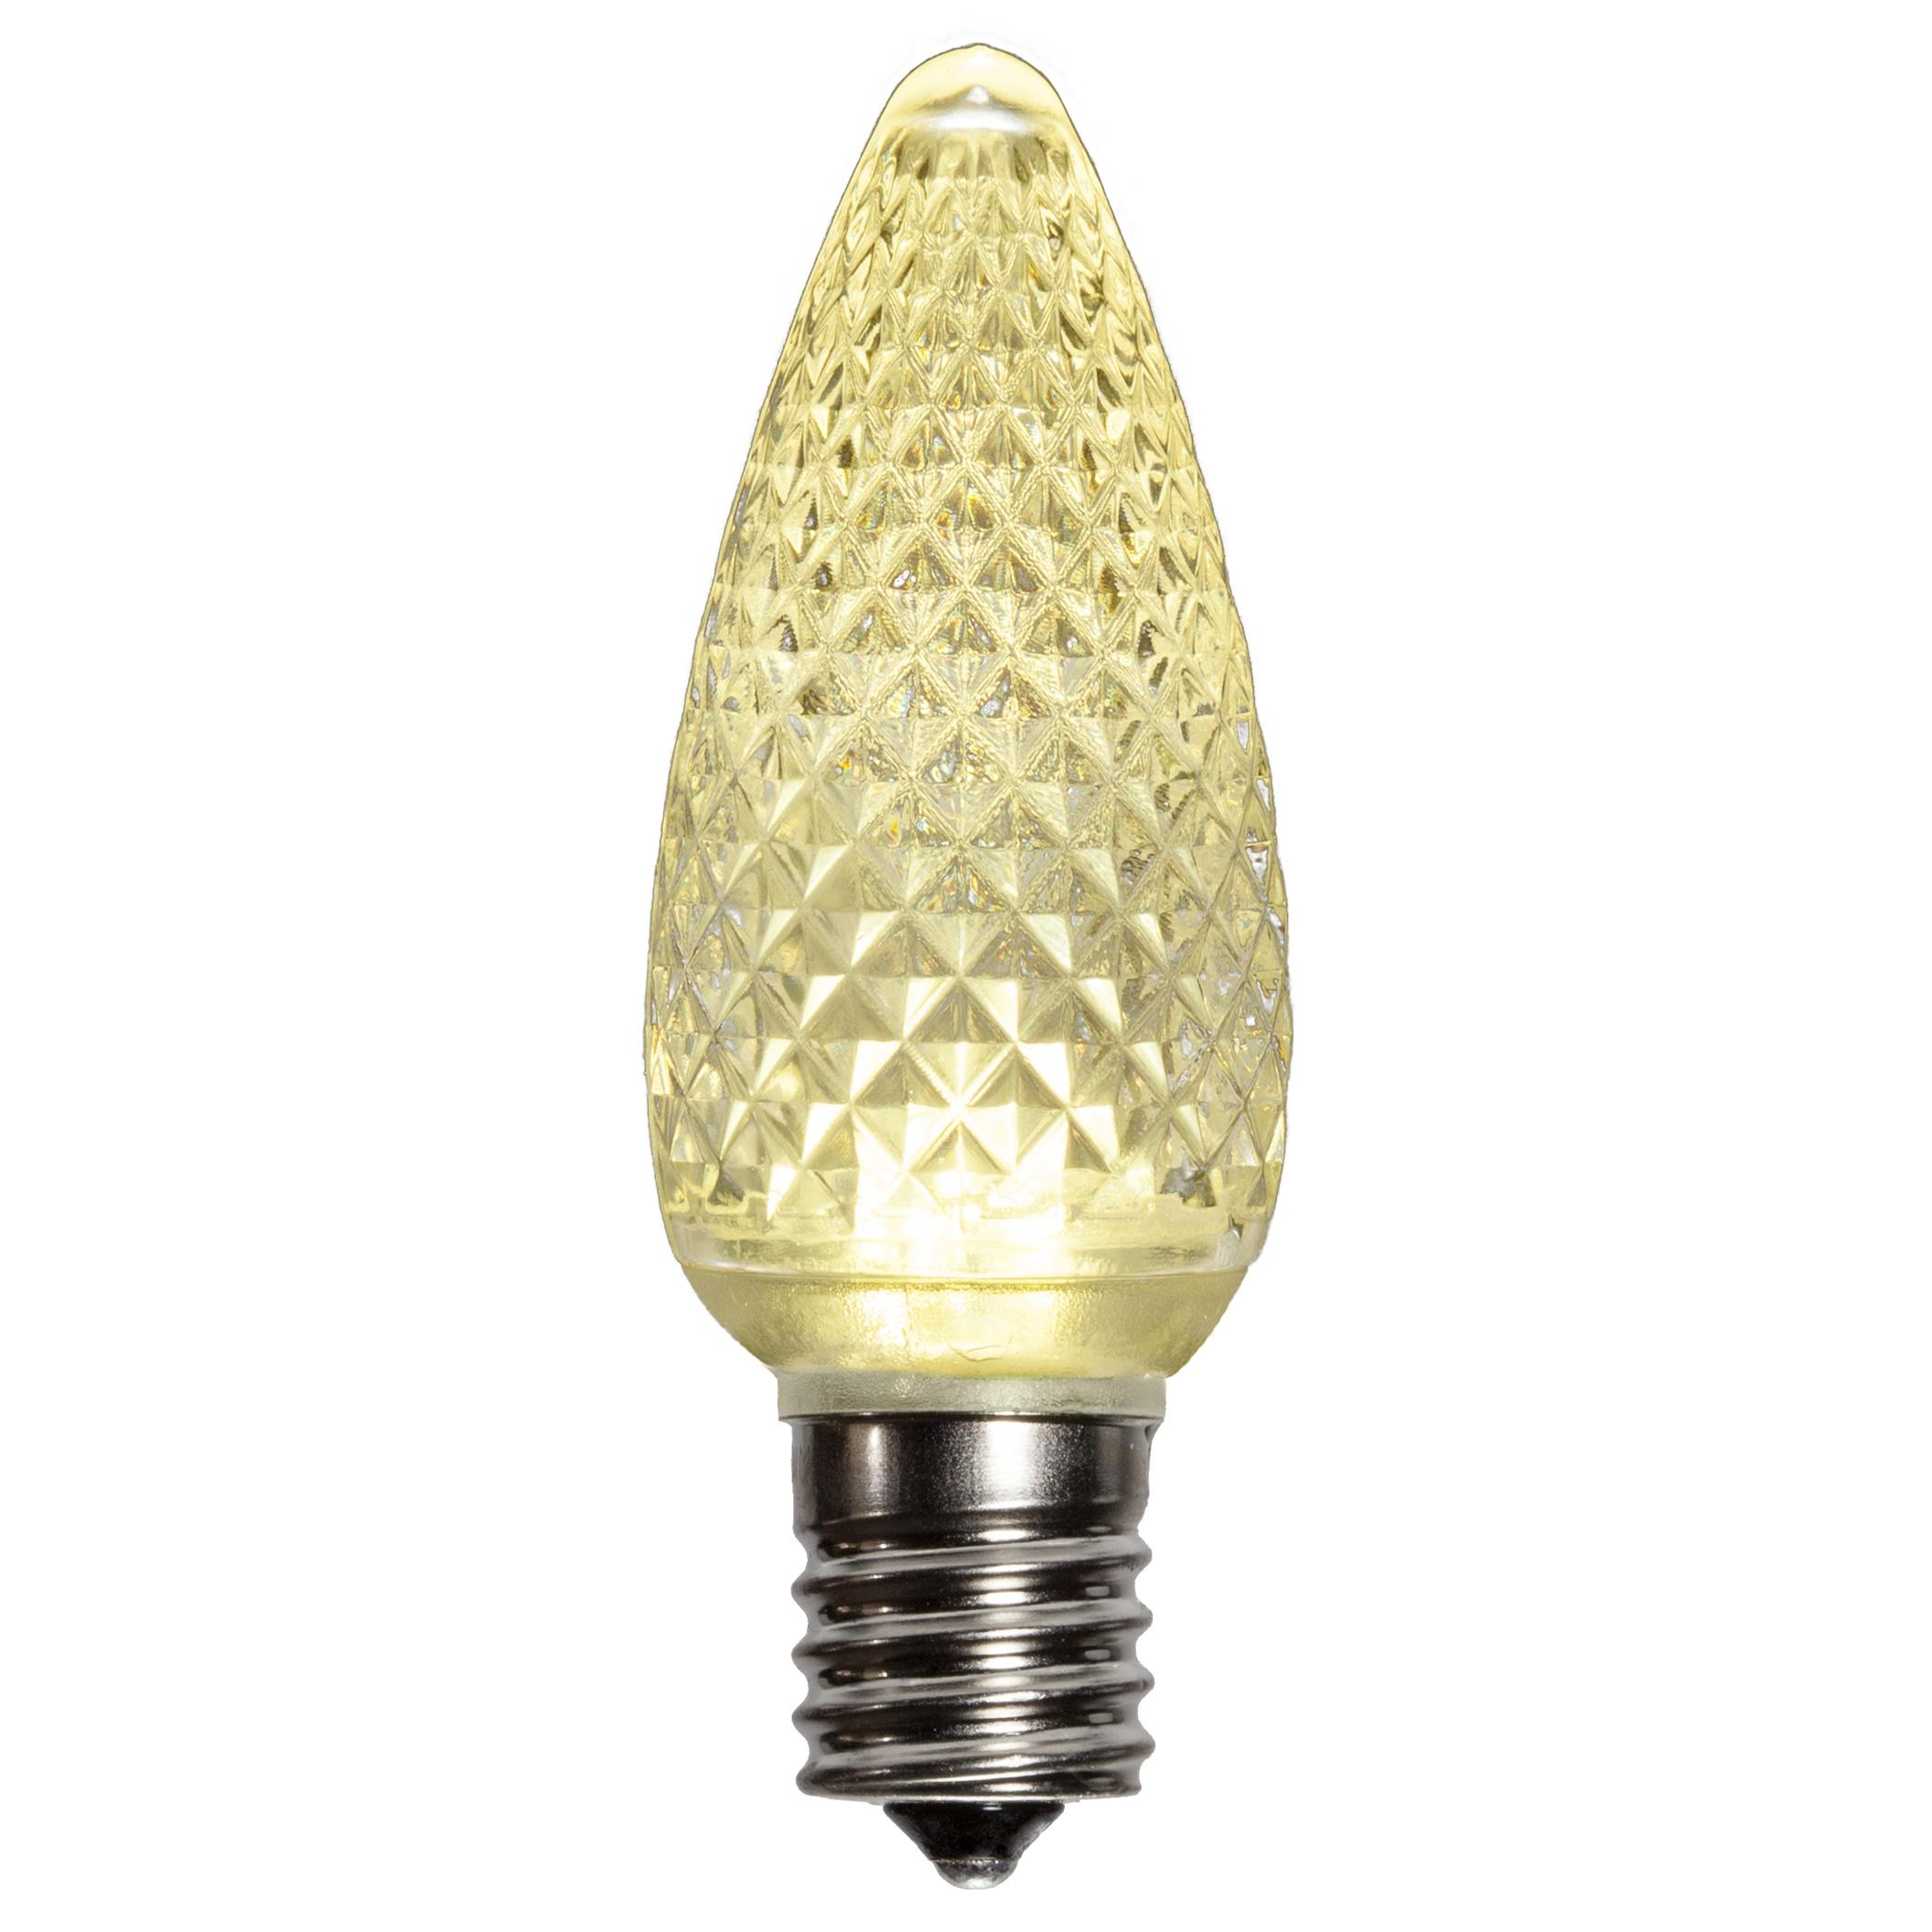 Led Bulbd: C9 LED Light Bulb, Warm White